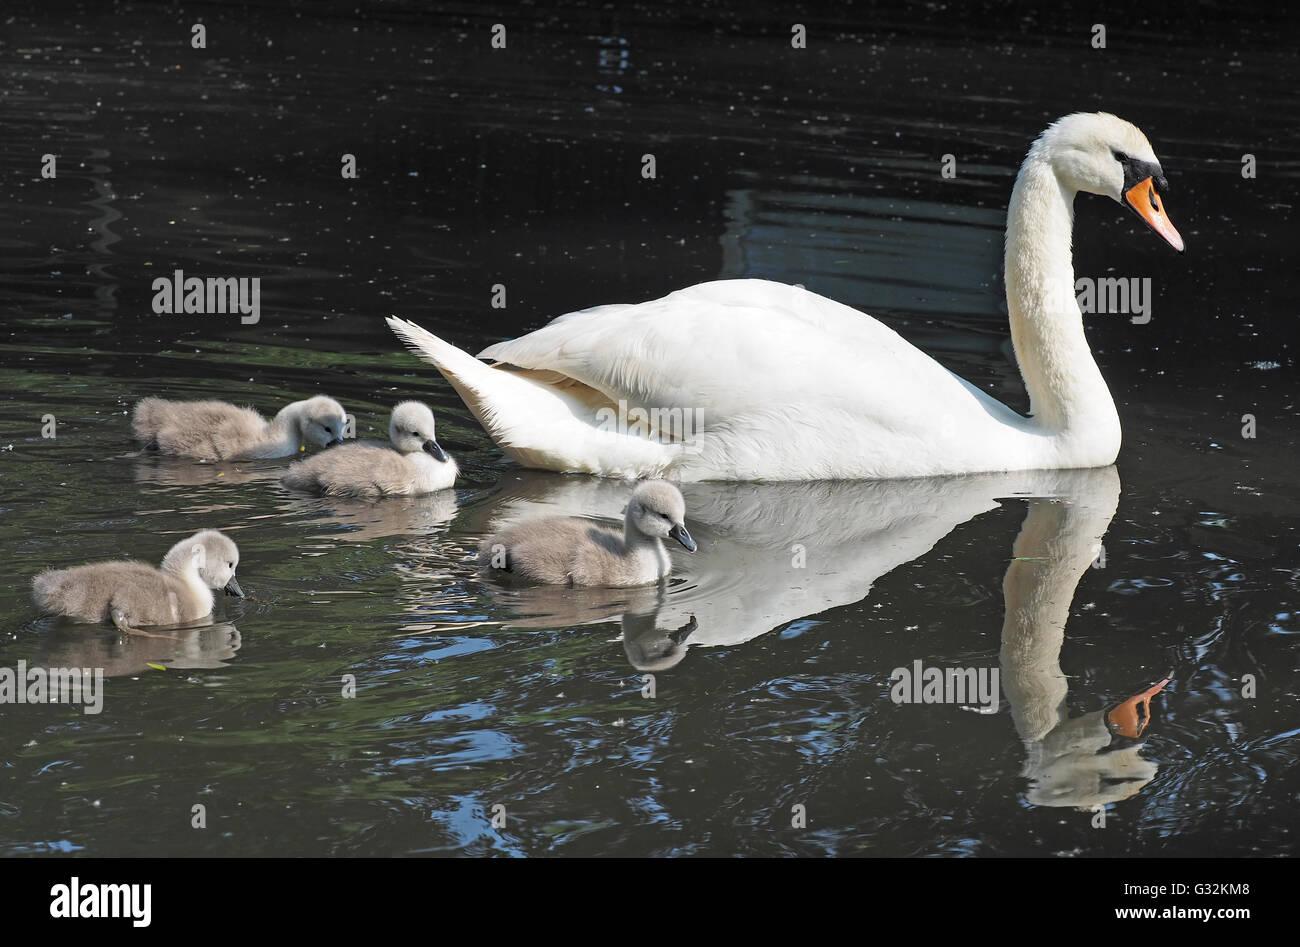 Una vista de una madre con su bebé cisne nadando junto a cygnets Imagen De Stock